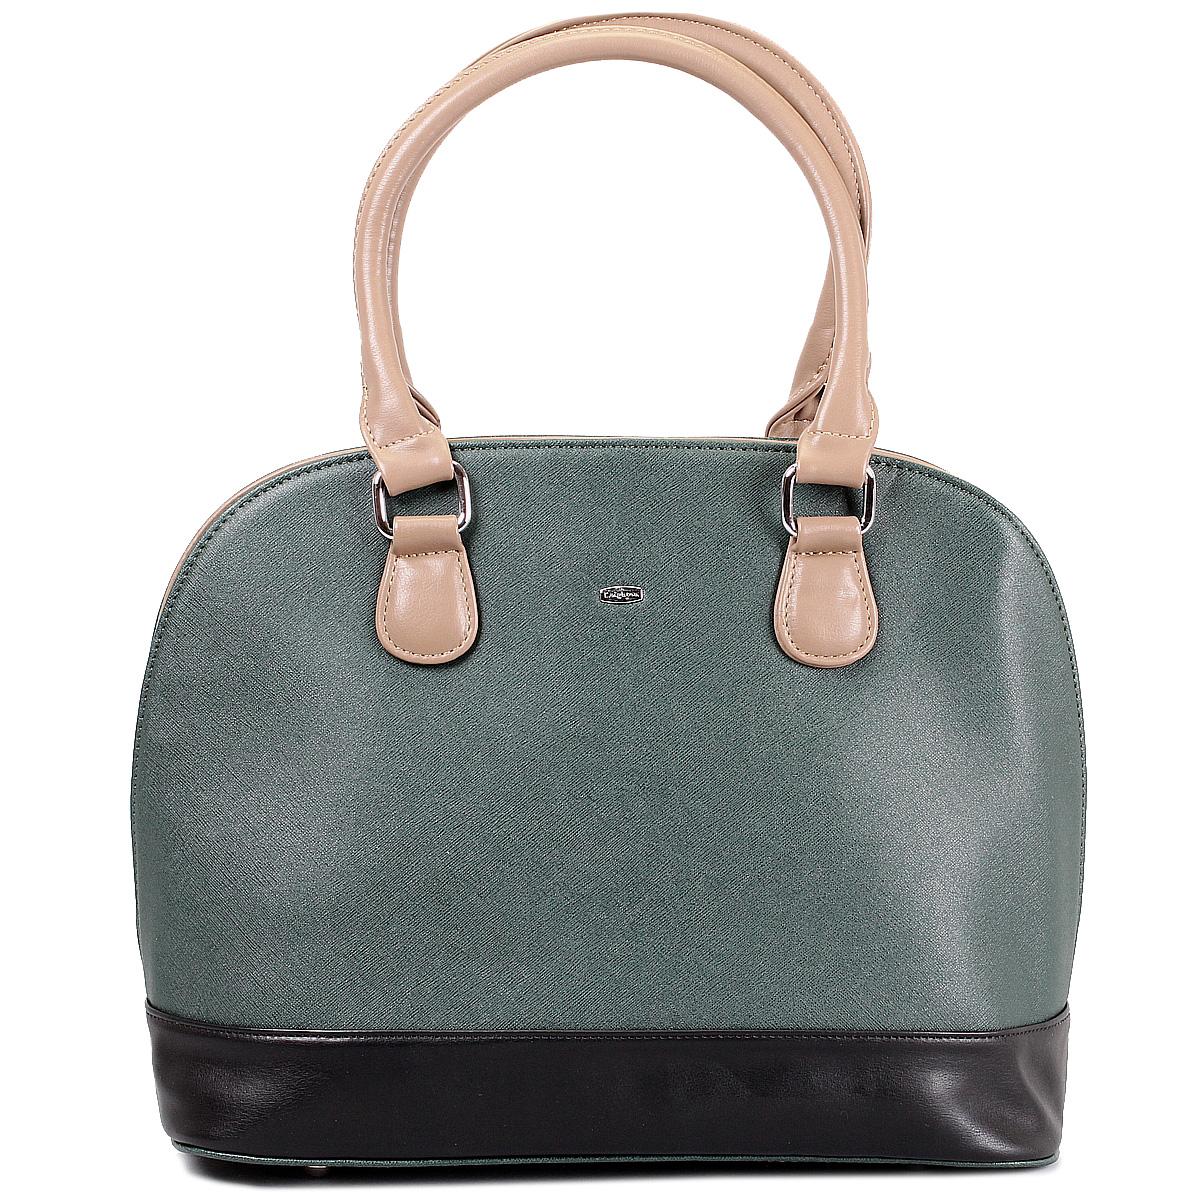 Сумка женская Leighton, цвет: зеленый, бежевый. 62156-3769/6/1166/101/1166/90862156-3769/6/1166/101/116Стильная женская сумка Leighton выполнена из высококачественной искусственной кожи с отделкой контрастного цвета. Сумка имеет одно вместительное отделение, закрывающееся на застежку-молнию. Внутри - два кармана на молнии и два накладных кармана для мобильного телефона и прочих мелочей. С внешней стороны на задней стенке сумки расположен вшитый карман на молнии. Сумка оснащена двумя удобными ручками, позволяющими носить ее на плече. В комплекте чехол для хранения. Фурнитура - серебристого цвета. Сумка - это стильный аксессуар, который подчеркнет вашу индивидуальность и сделает ваш образ завершенным. Классическое цветовое сочетание, стильный декор, модный дизайн - прекрасное дополнение к гардеробу модницы.